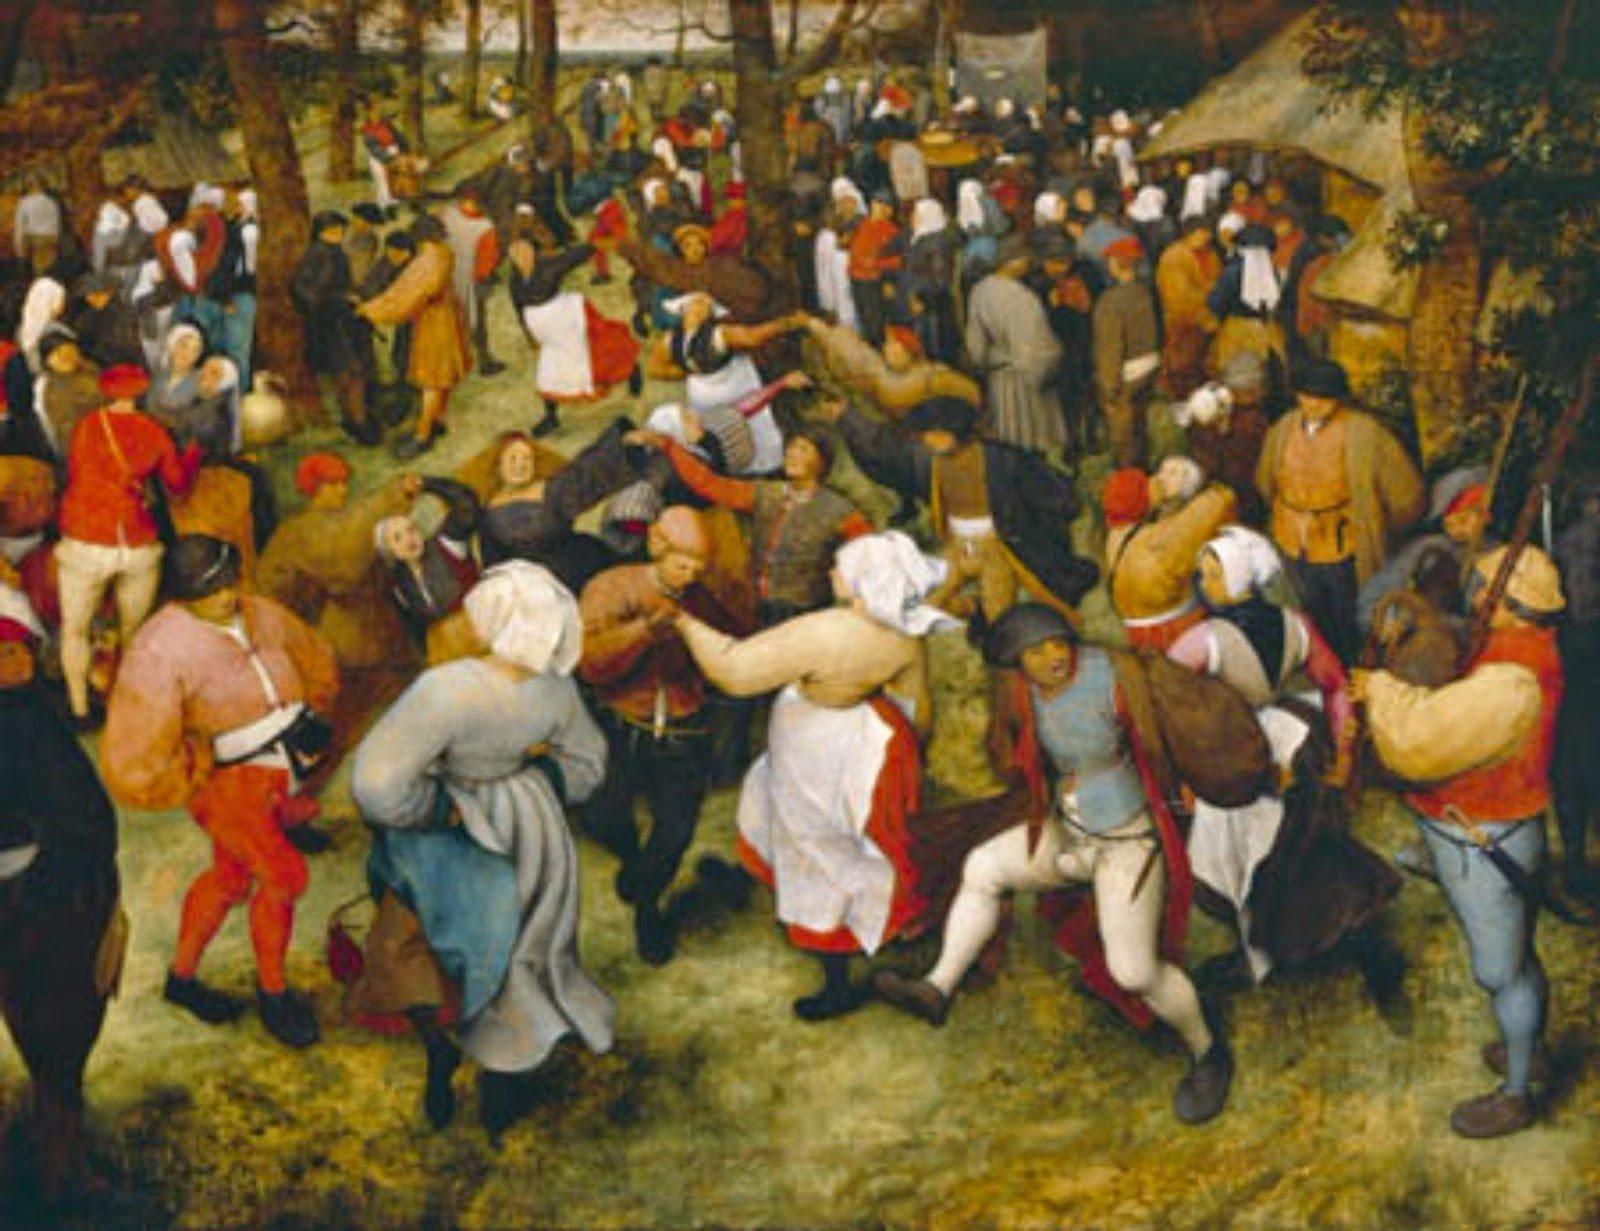 Uno de los episodios más misteriosos y extraños de la historia europea fueron las misteriosas epidemias de baile. La epidemia de baile de 1518 es uno de los episodios más misteriosos de la historia europea.